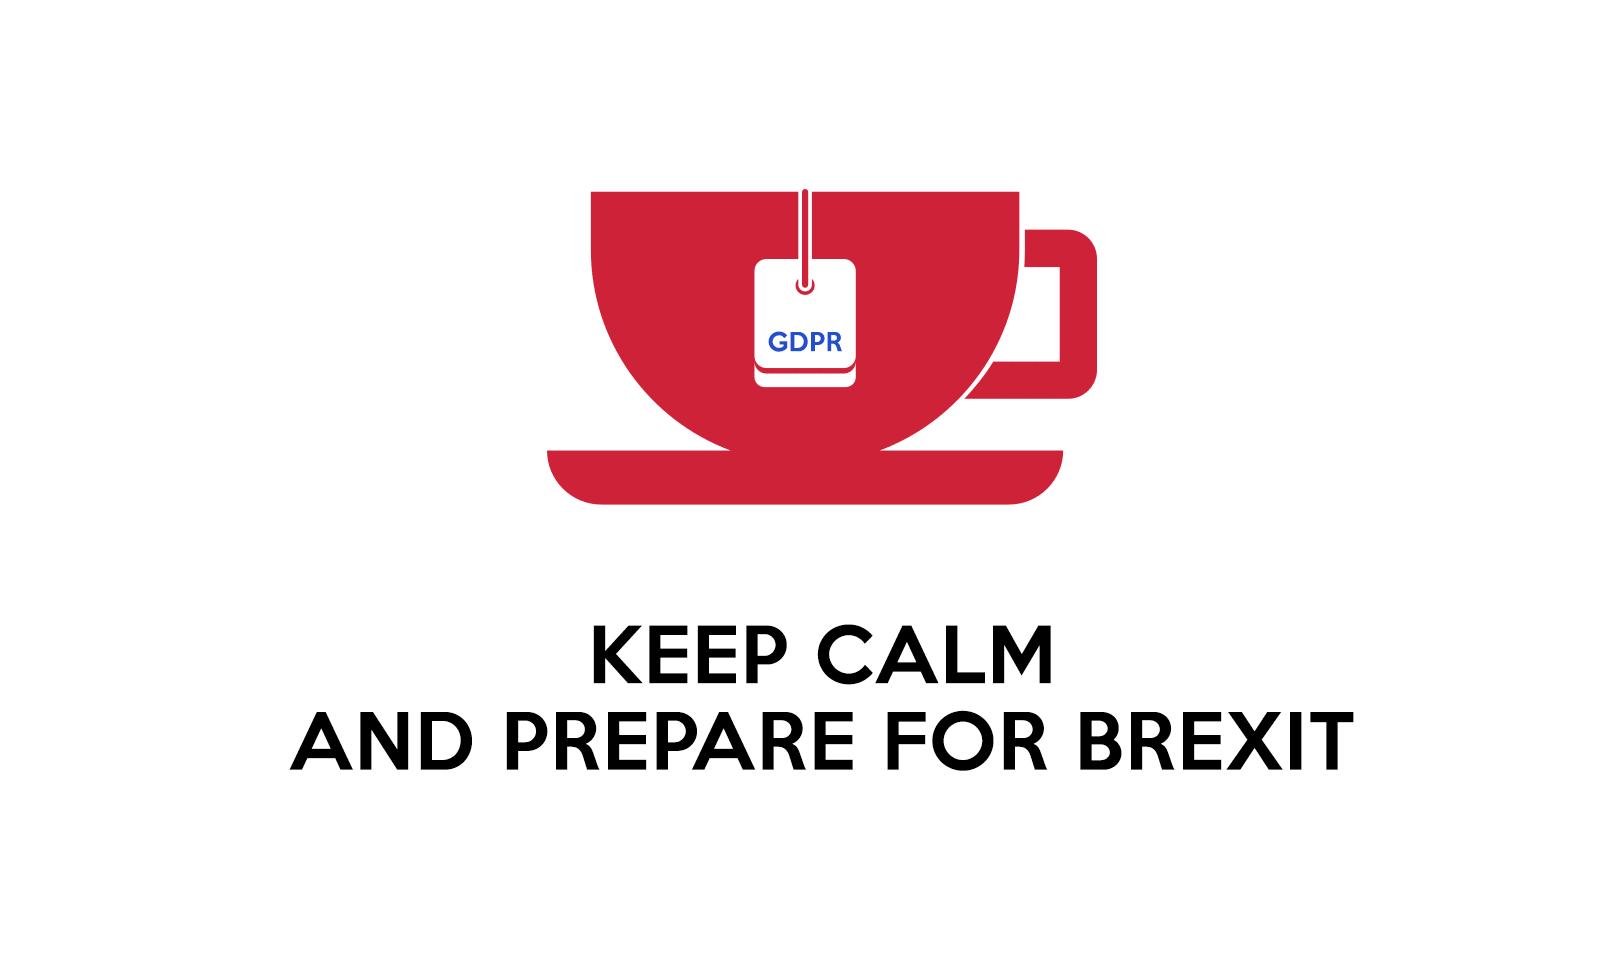 Beitragshinweis: In 8 Schritten zum DSGVO-sicheren Brexit – Praxishinweise und Checkliste